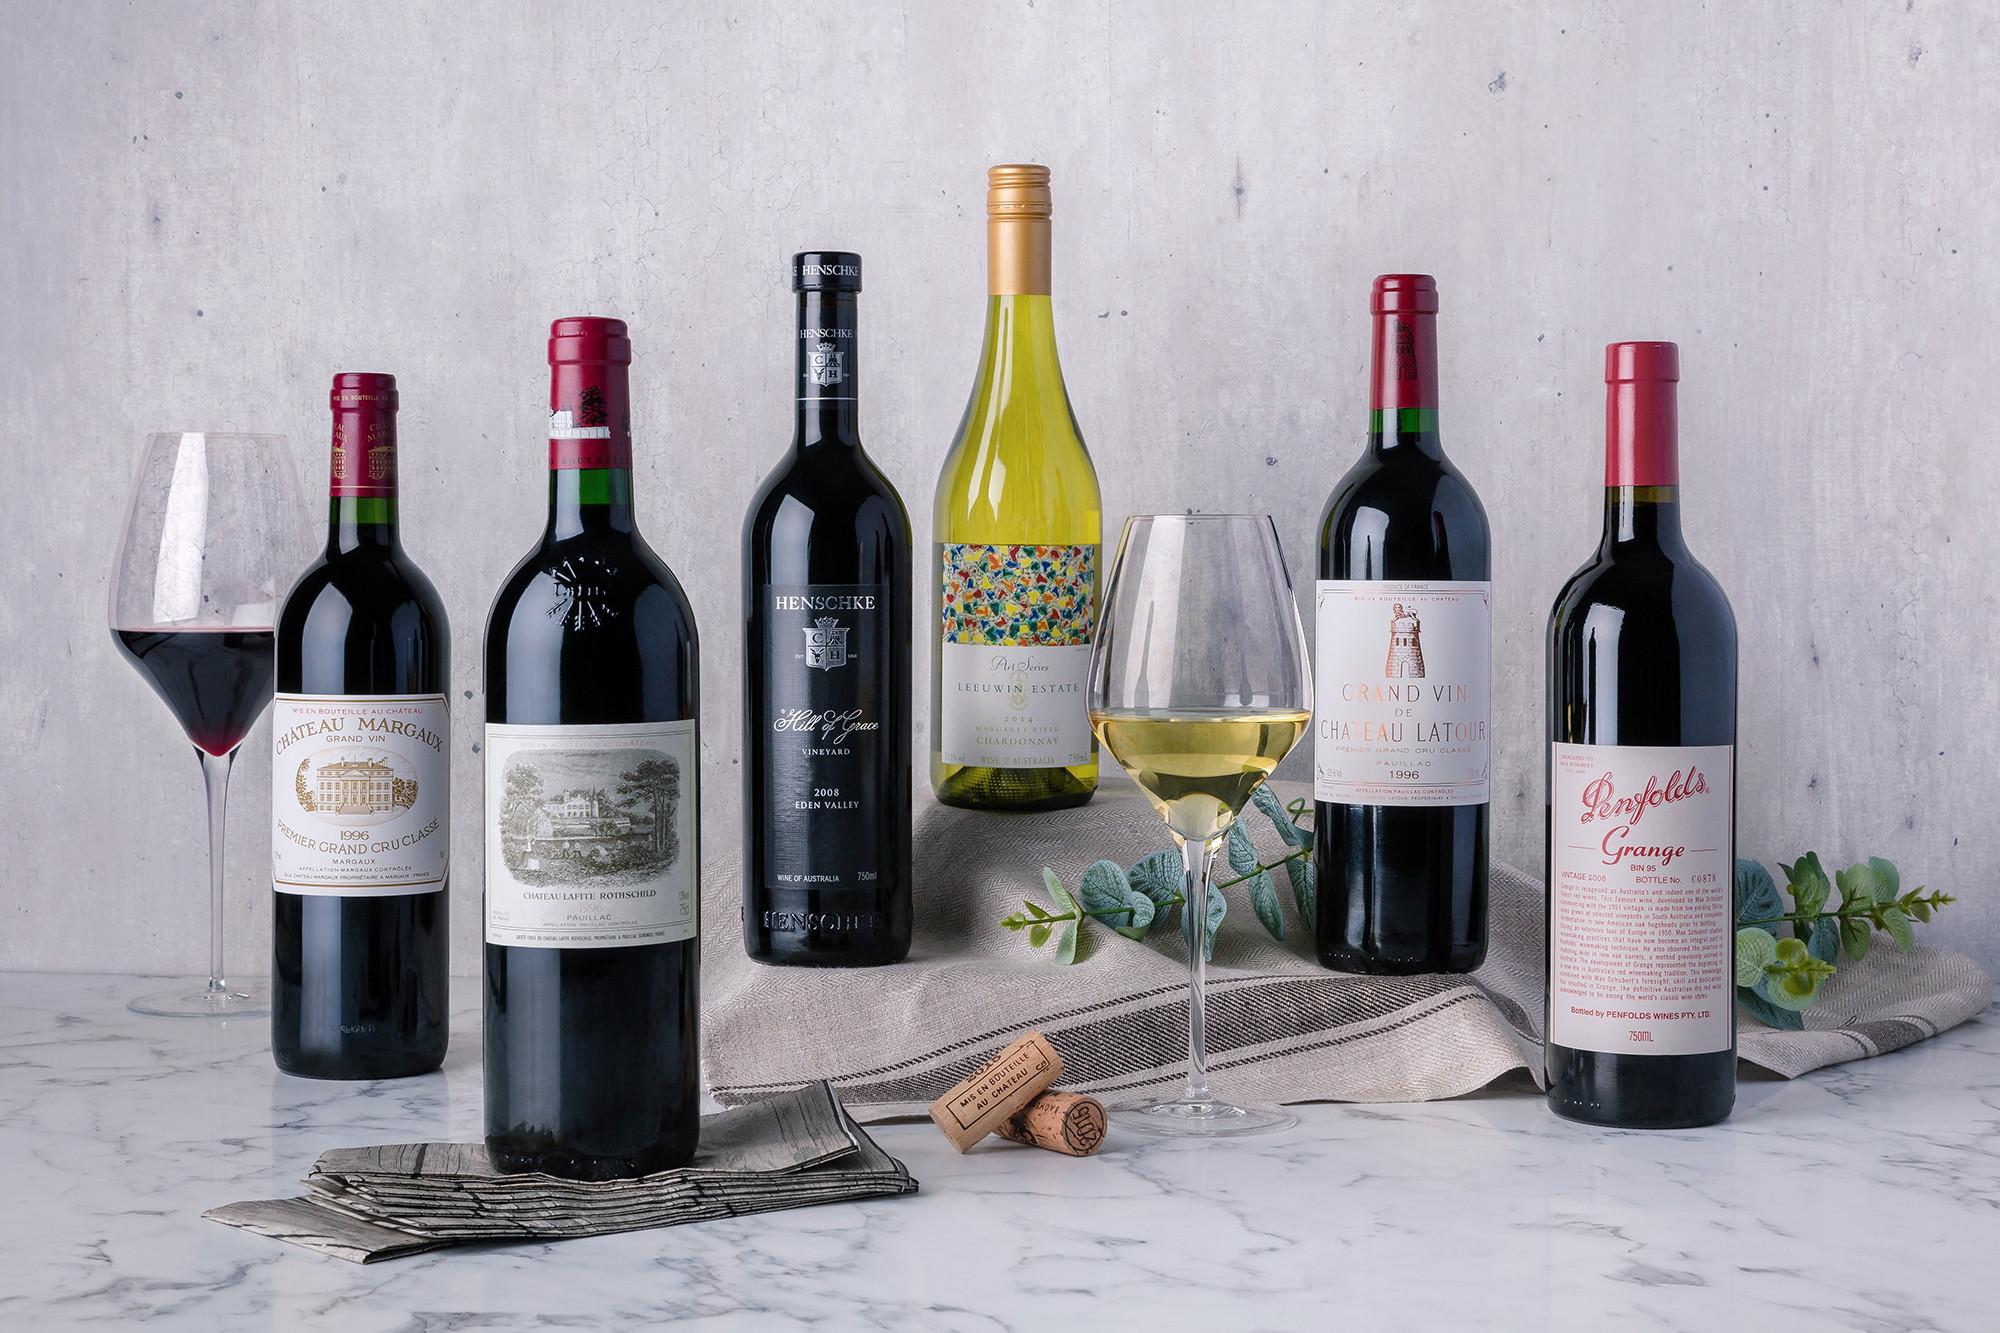 400 top wines